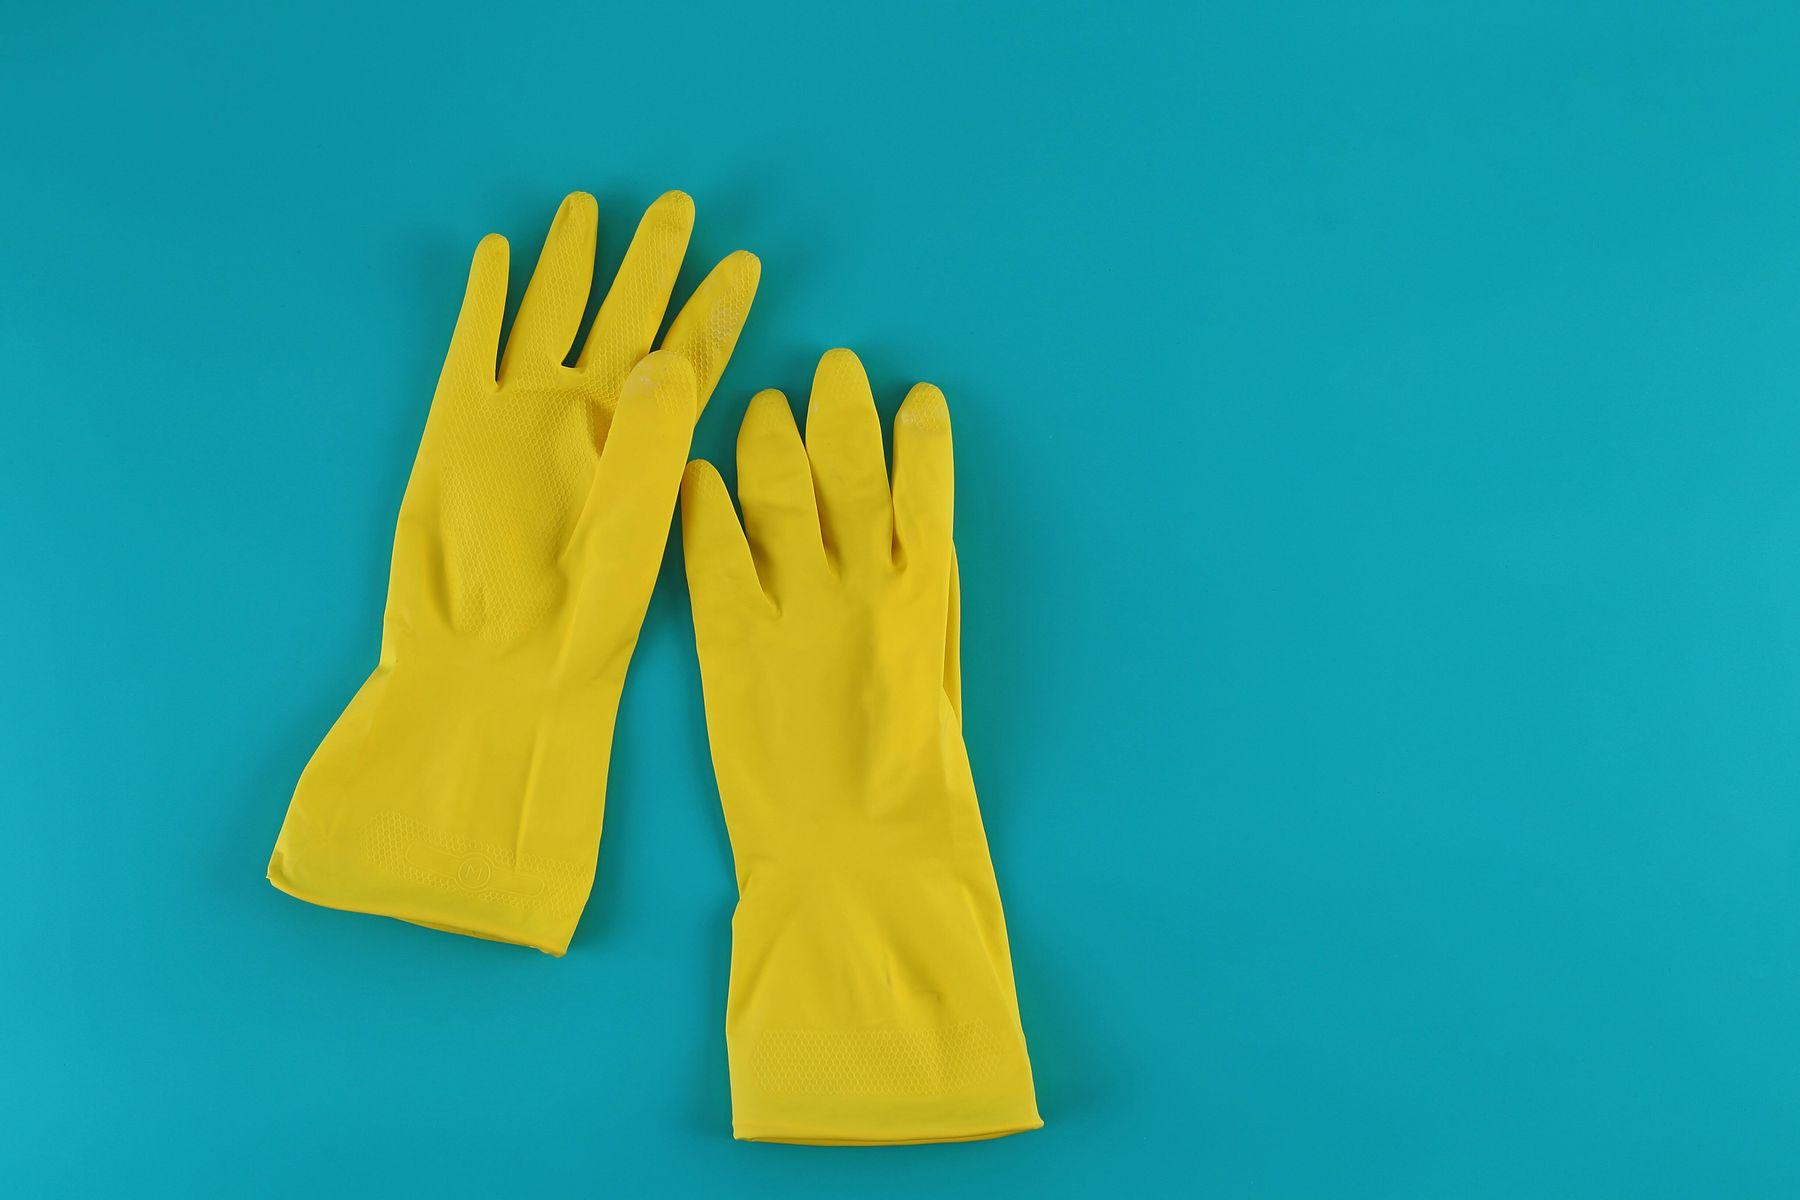 żółte rękawice gumowe na niebieskim tle